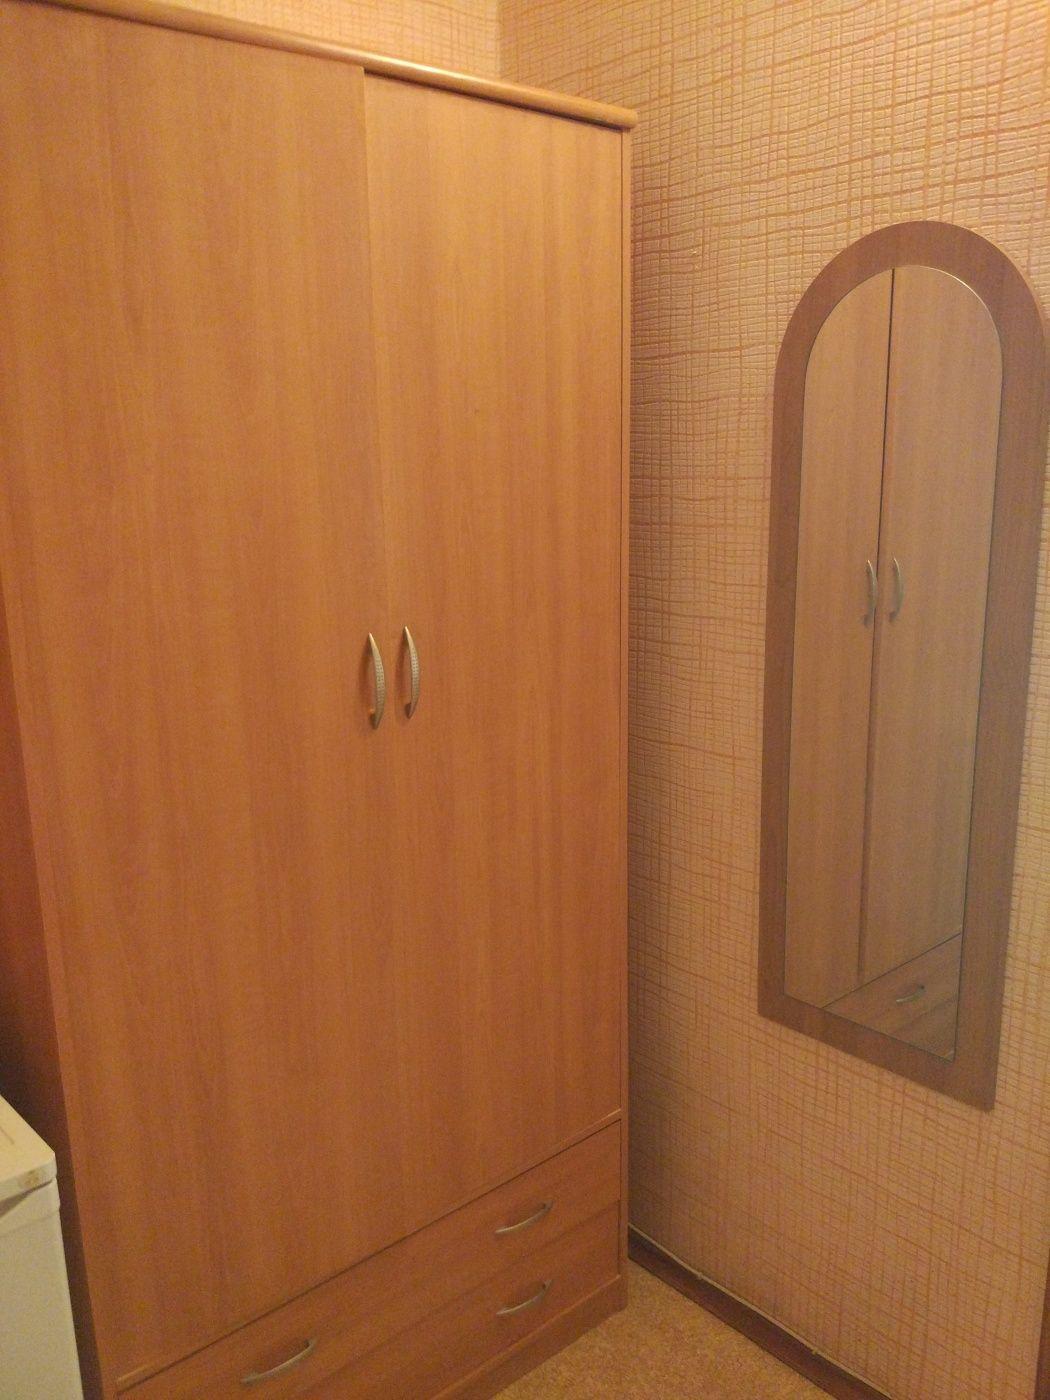 Турбаза «Домостроитель» Саратовская область 1-комнатный номер с удобствами (корпус № 2), фото 3